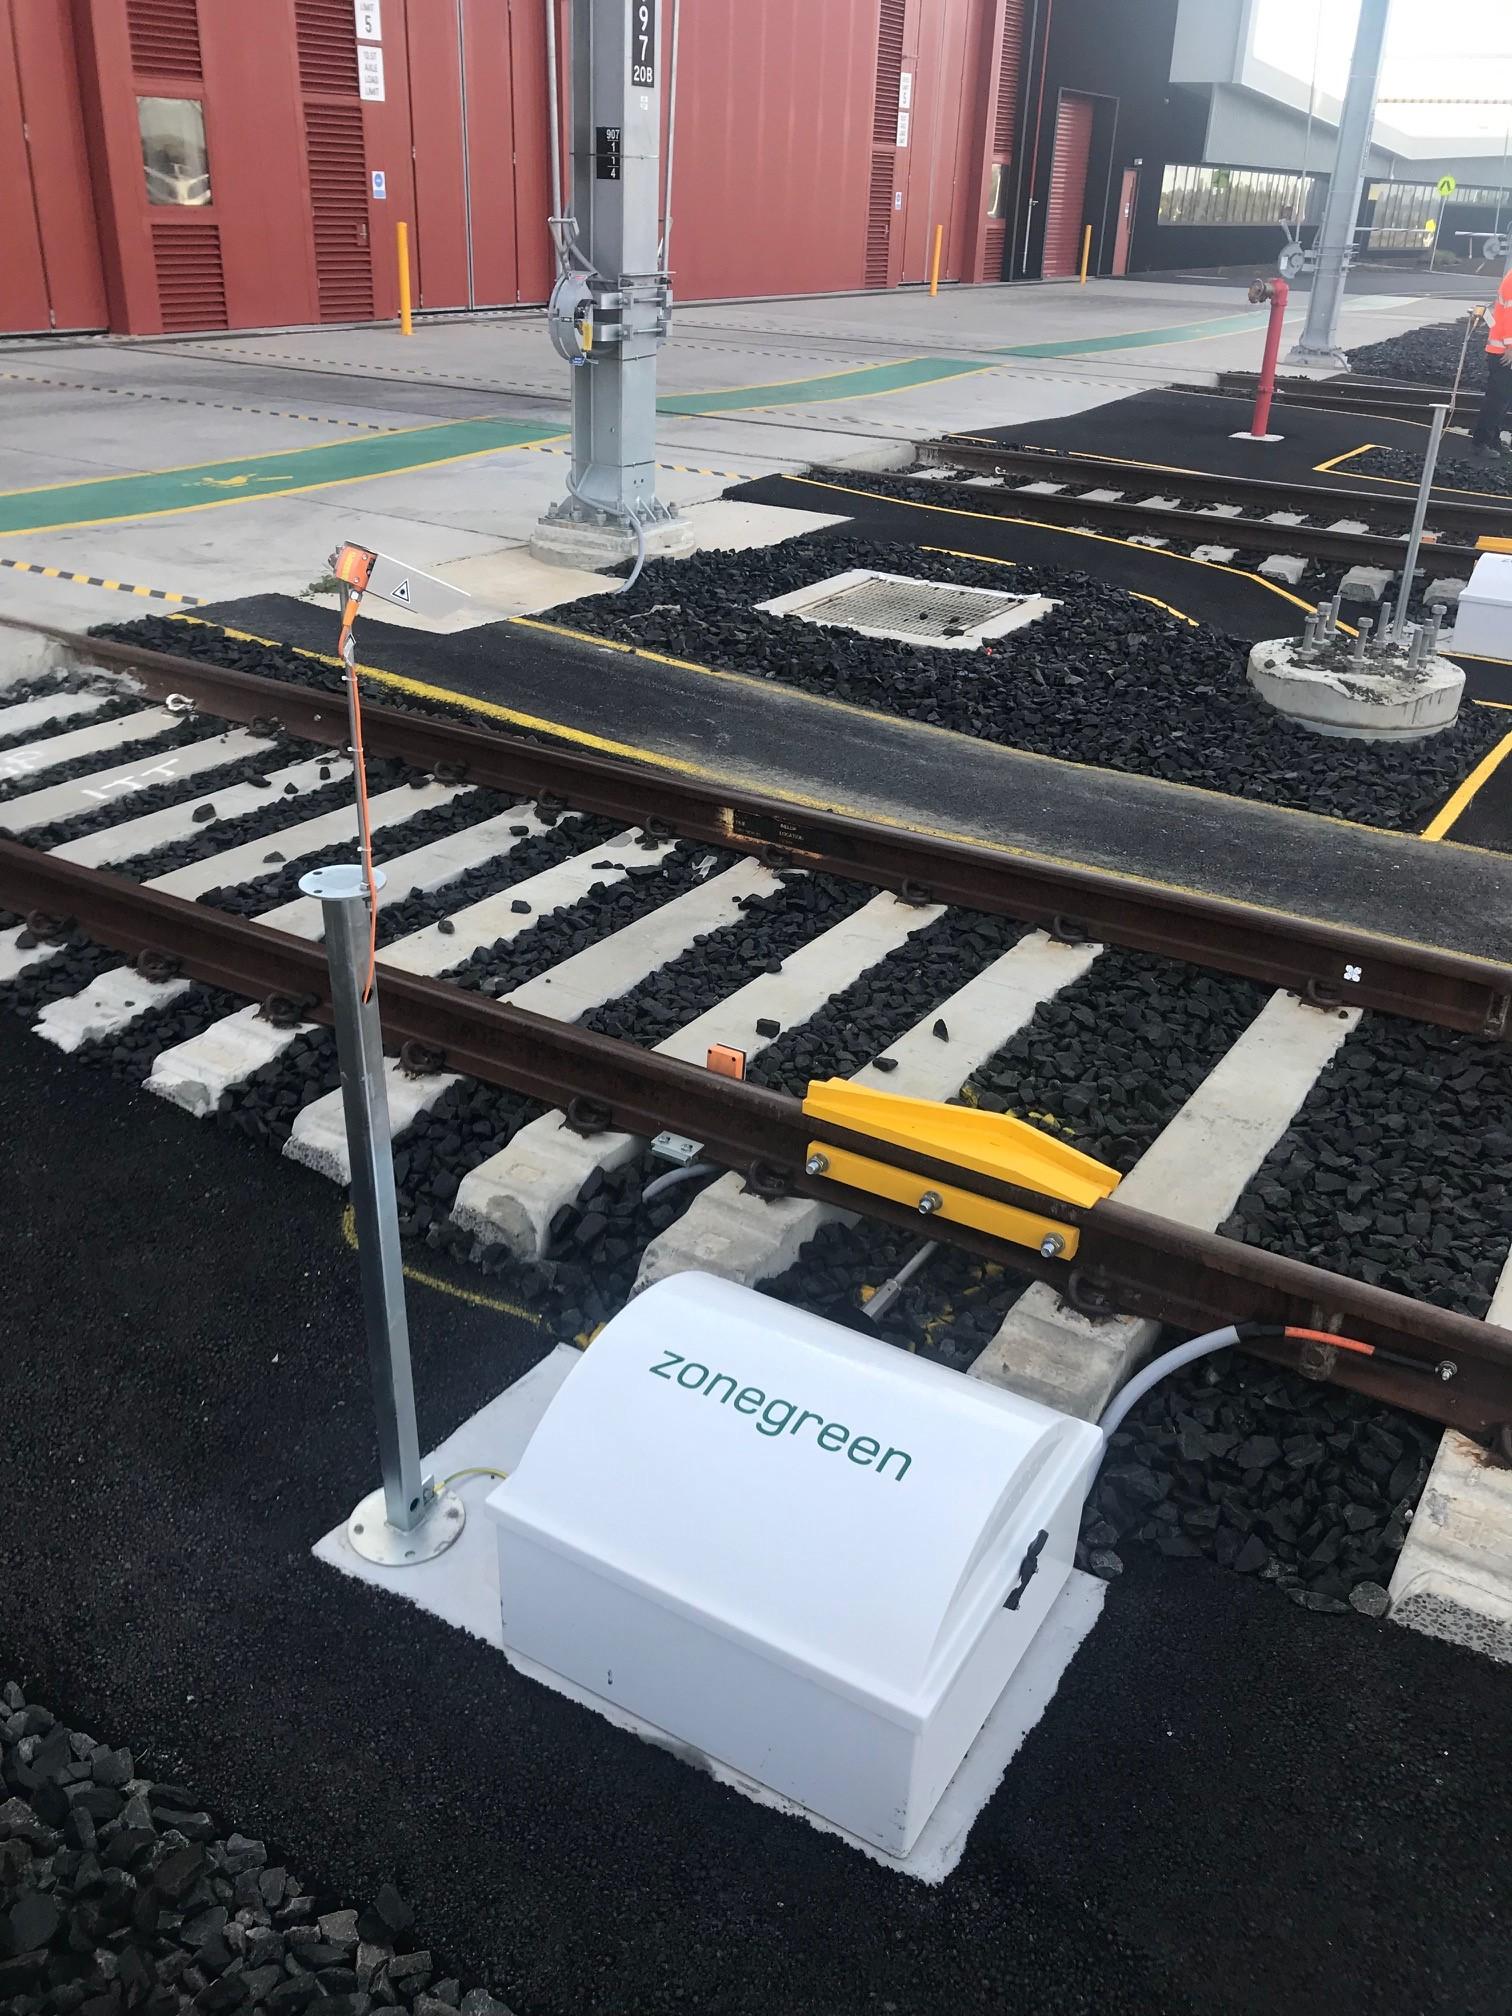 zonegreen derailer Australian depot